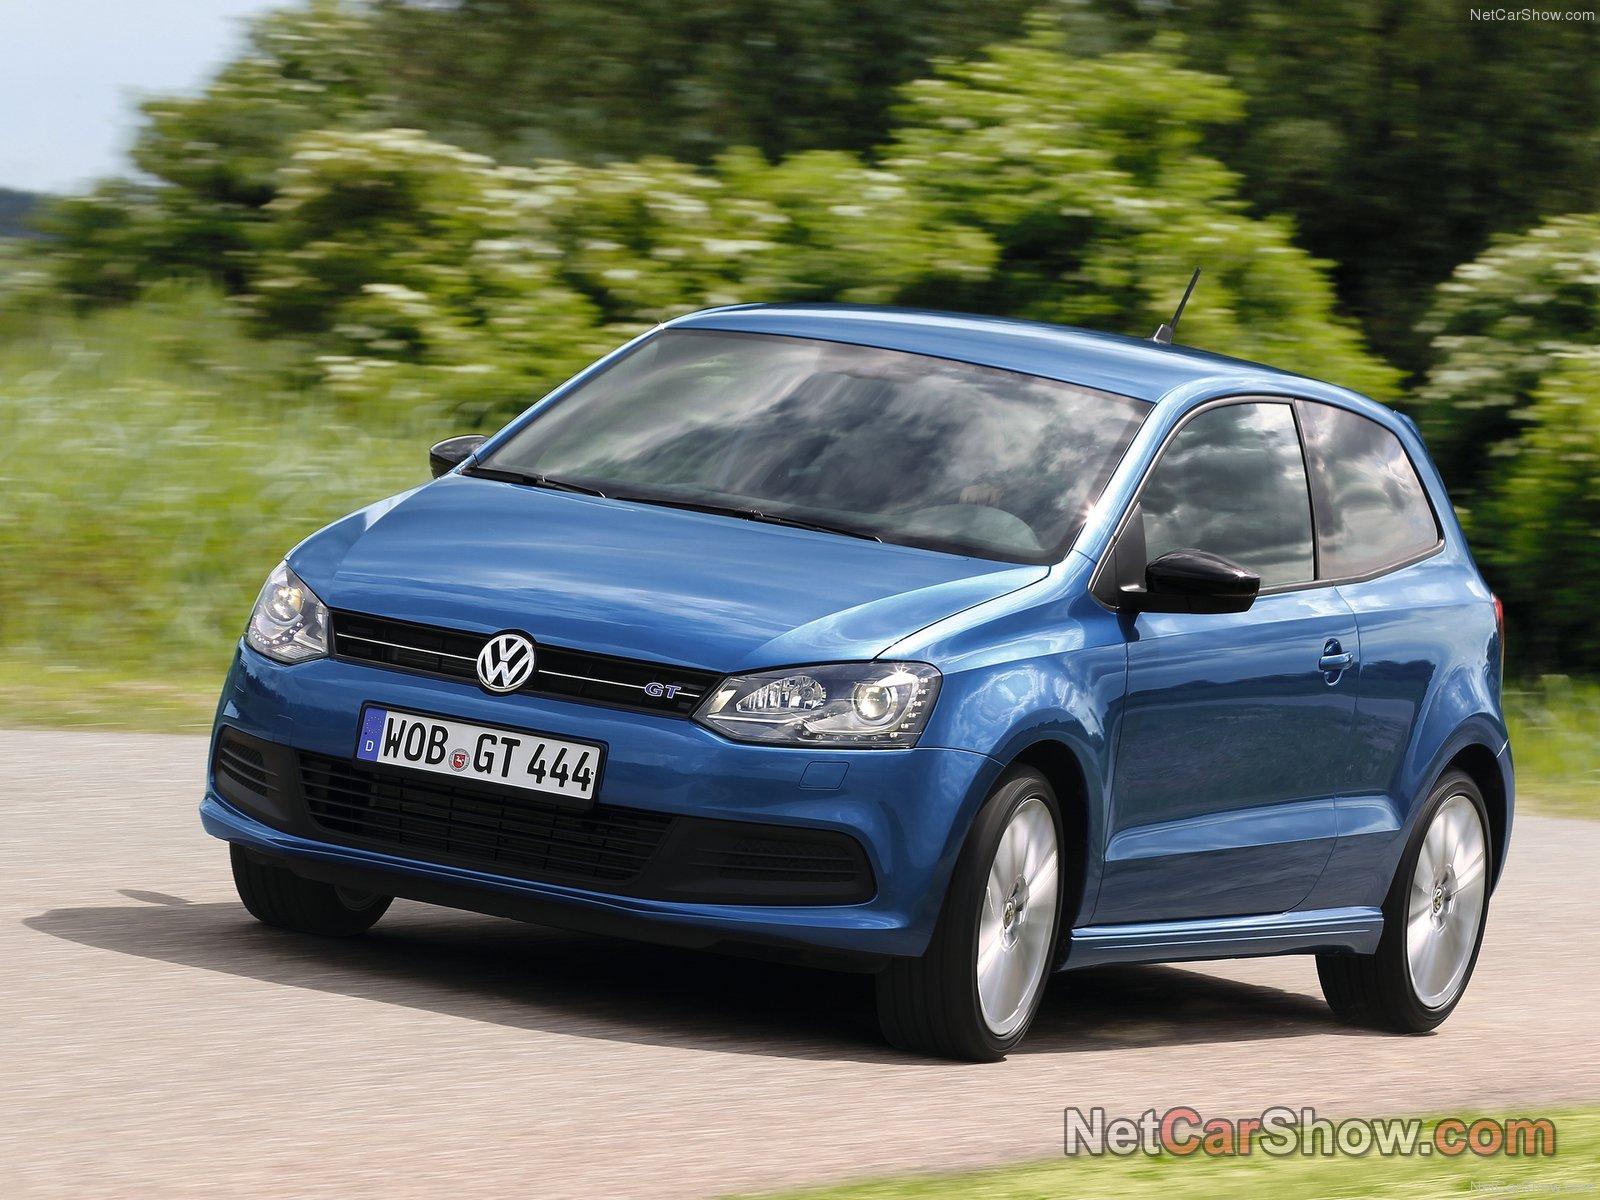 Volkswagen Polo Blue GT picture # 93271 | Volkswagen photo ...